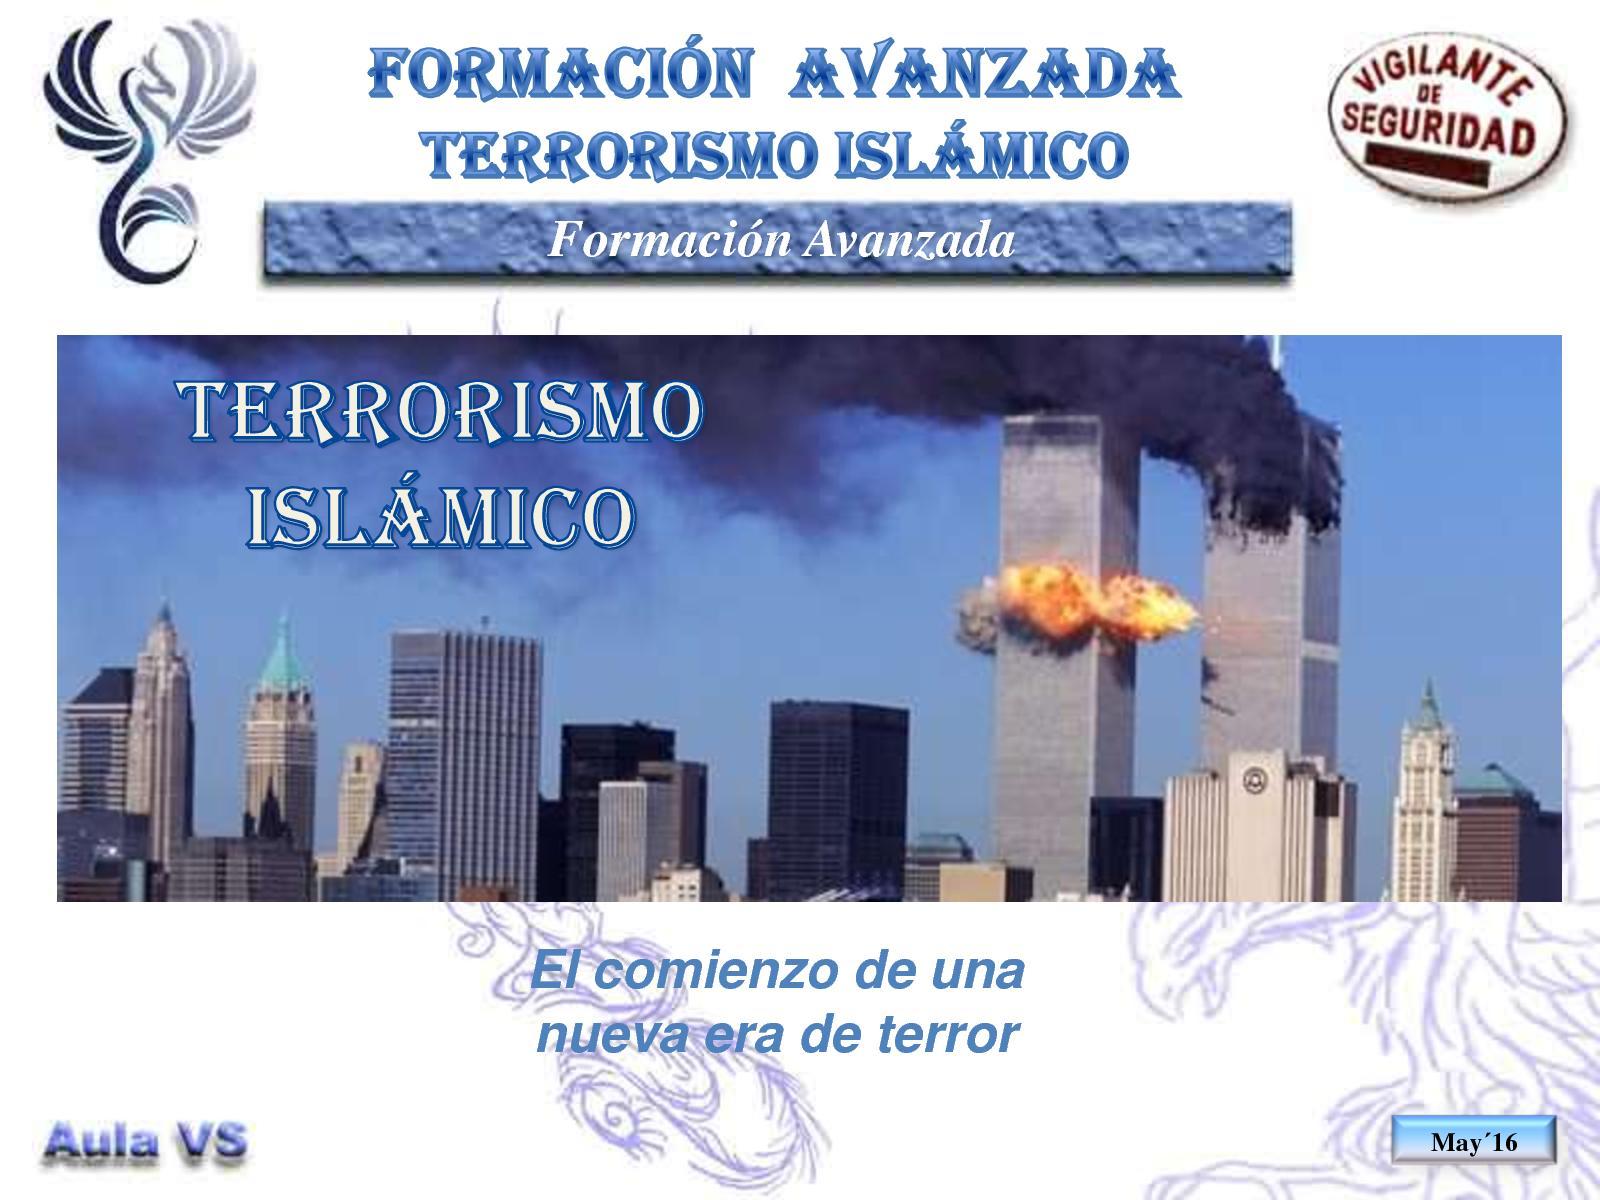 TI10 - Terrorismo Islamico